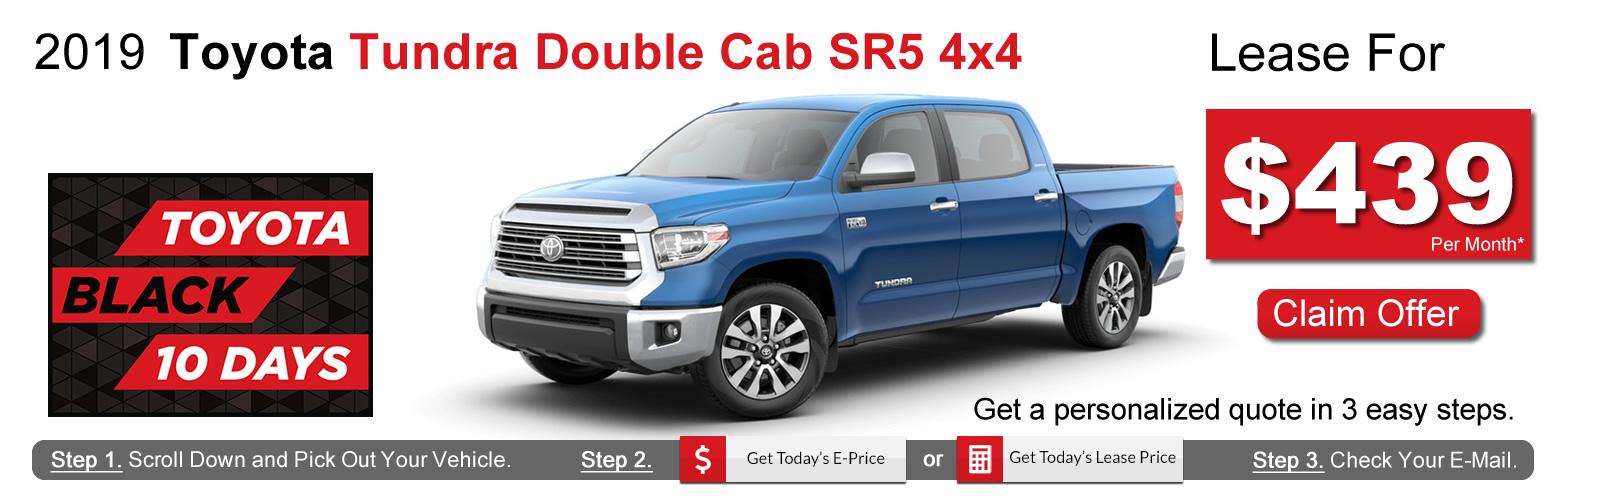 Toyota Lease Deals Ma >> Toyota Tundra Lease Deals near Boston, MA